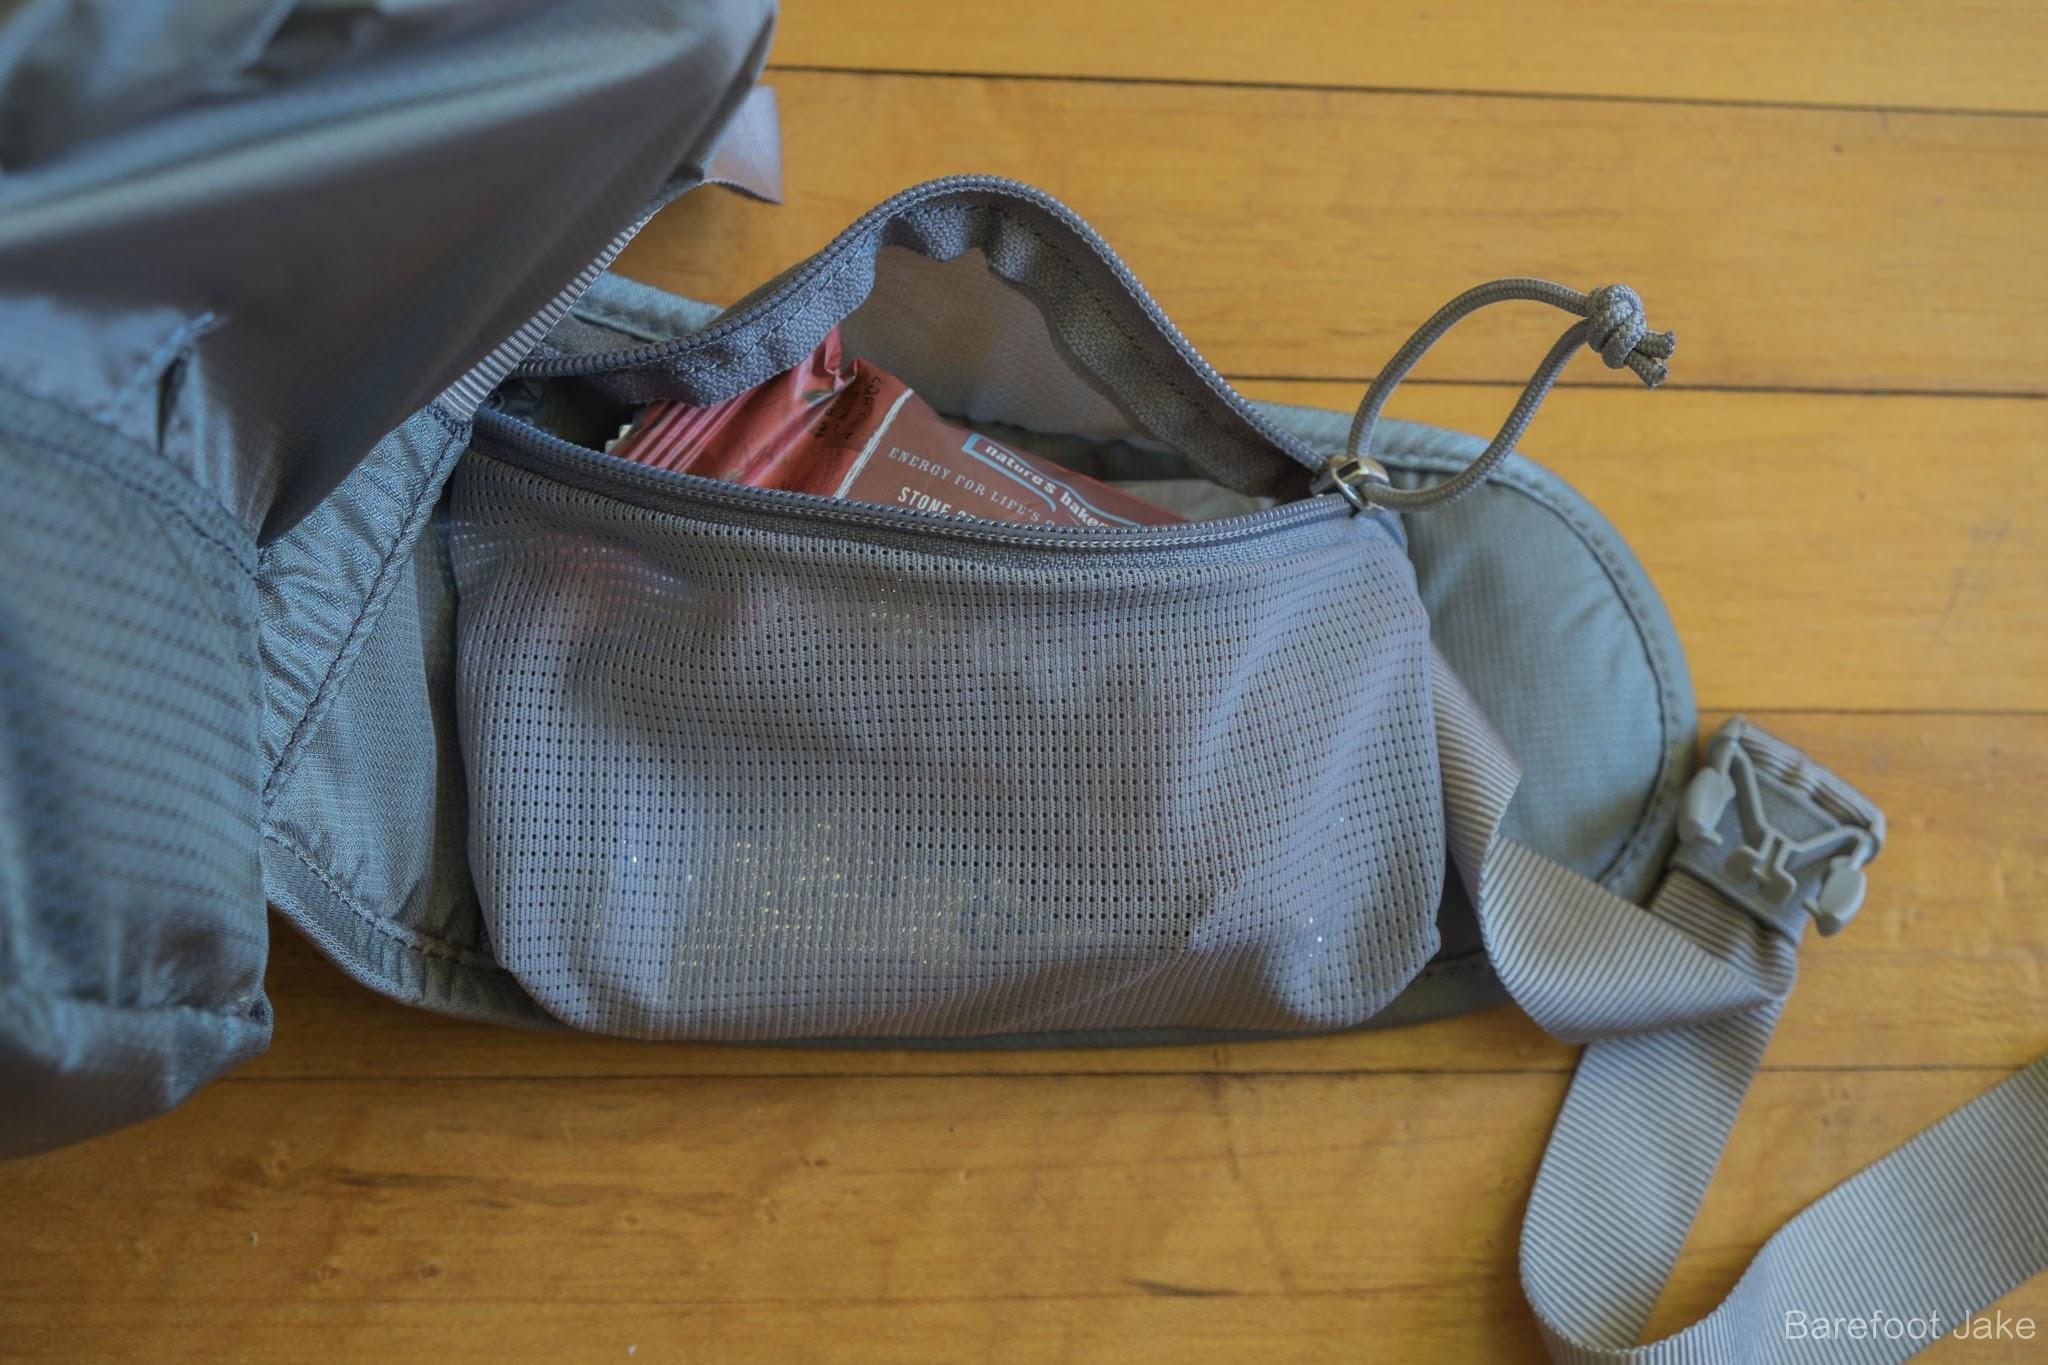 hipbelt pocket